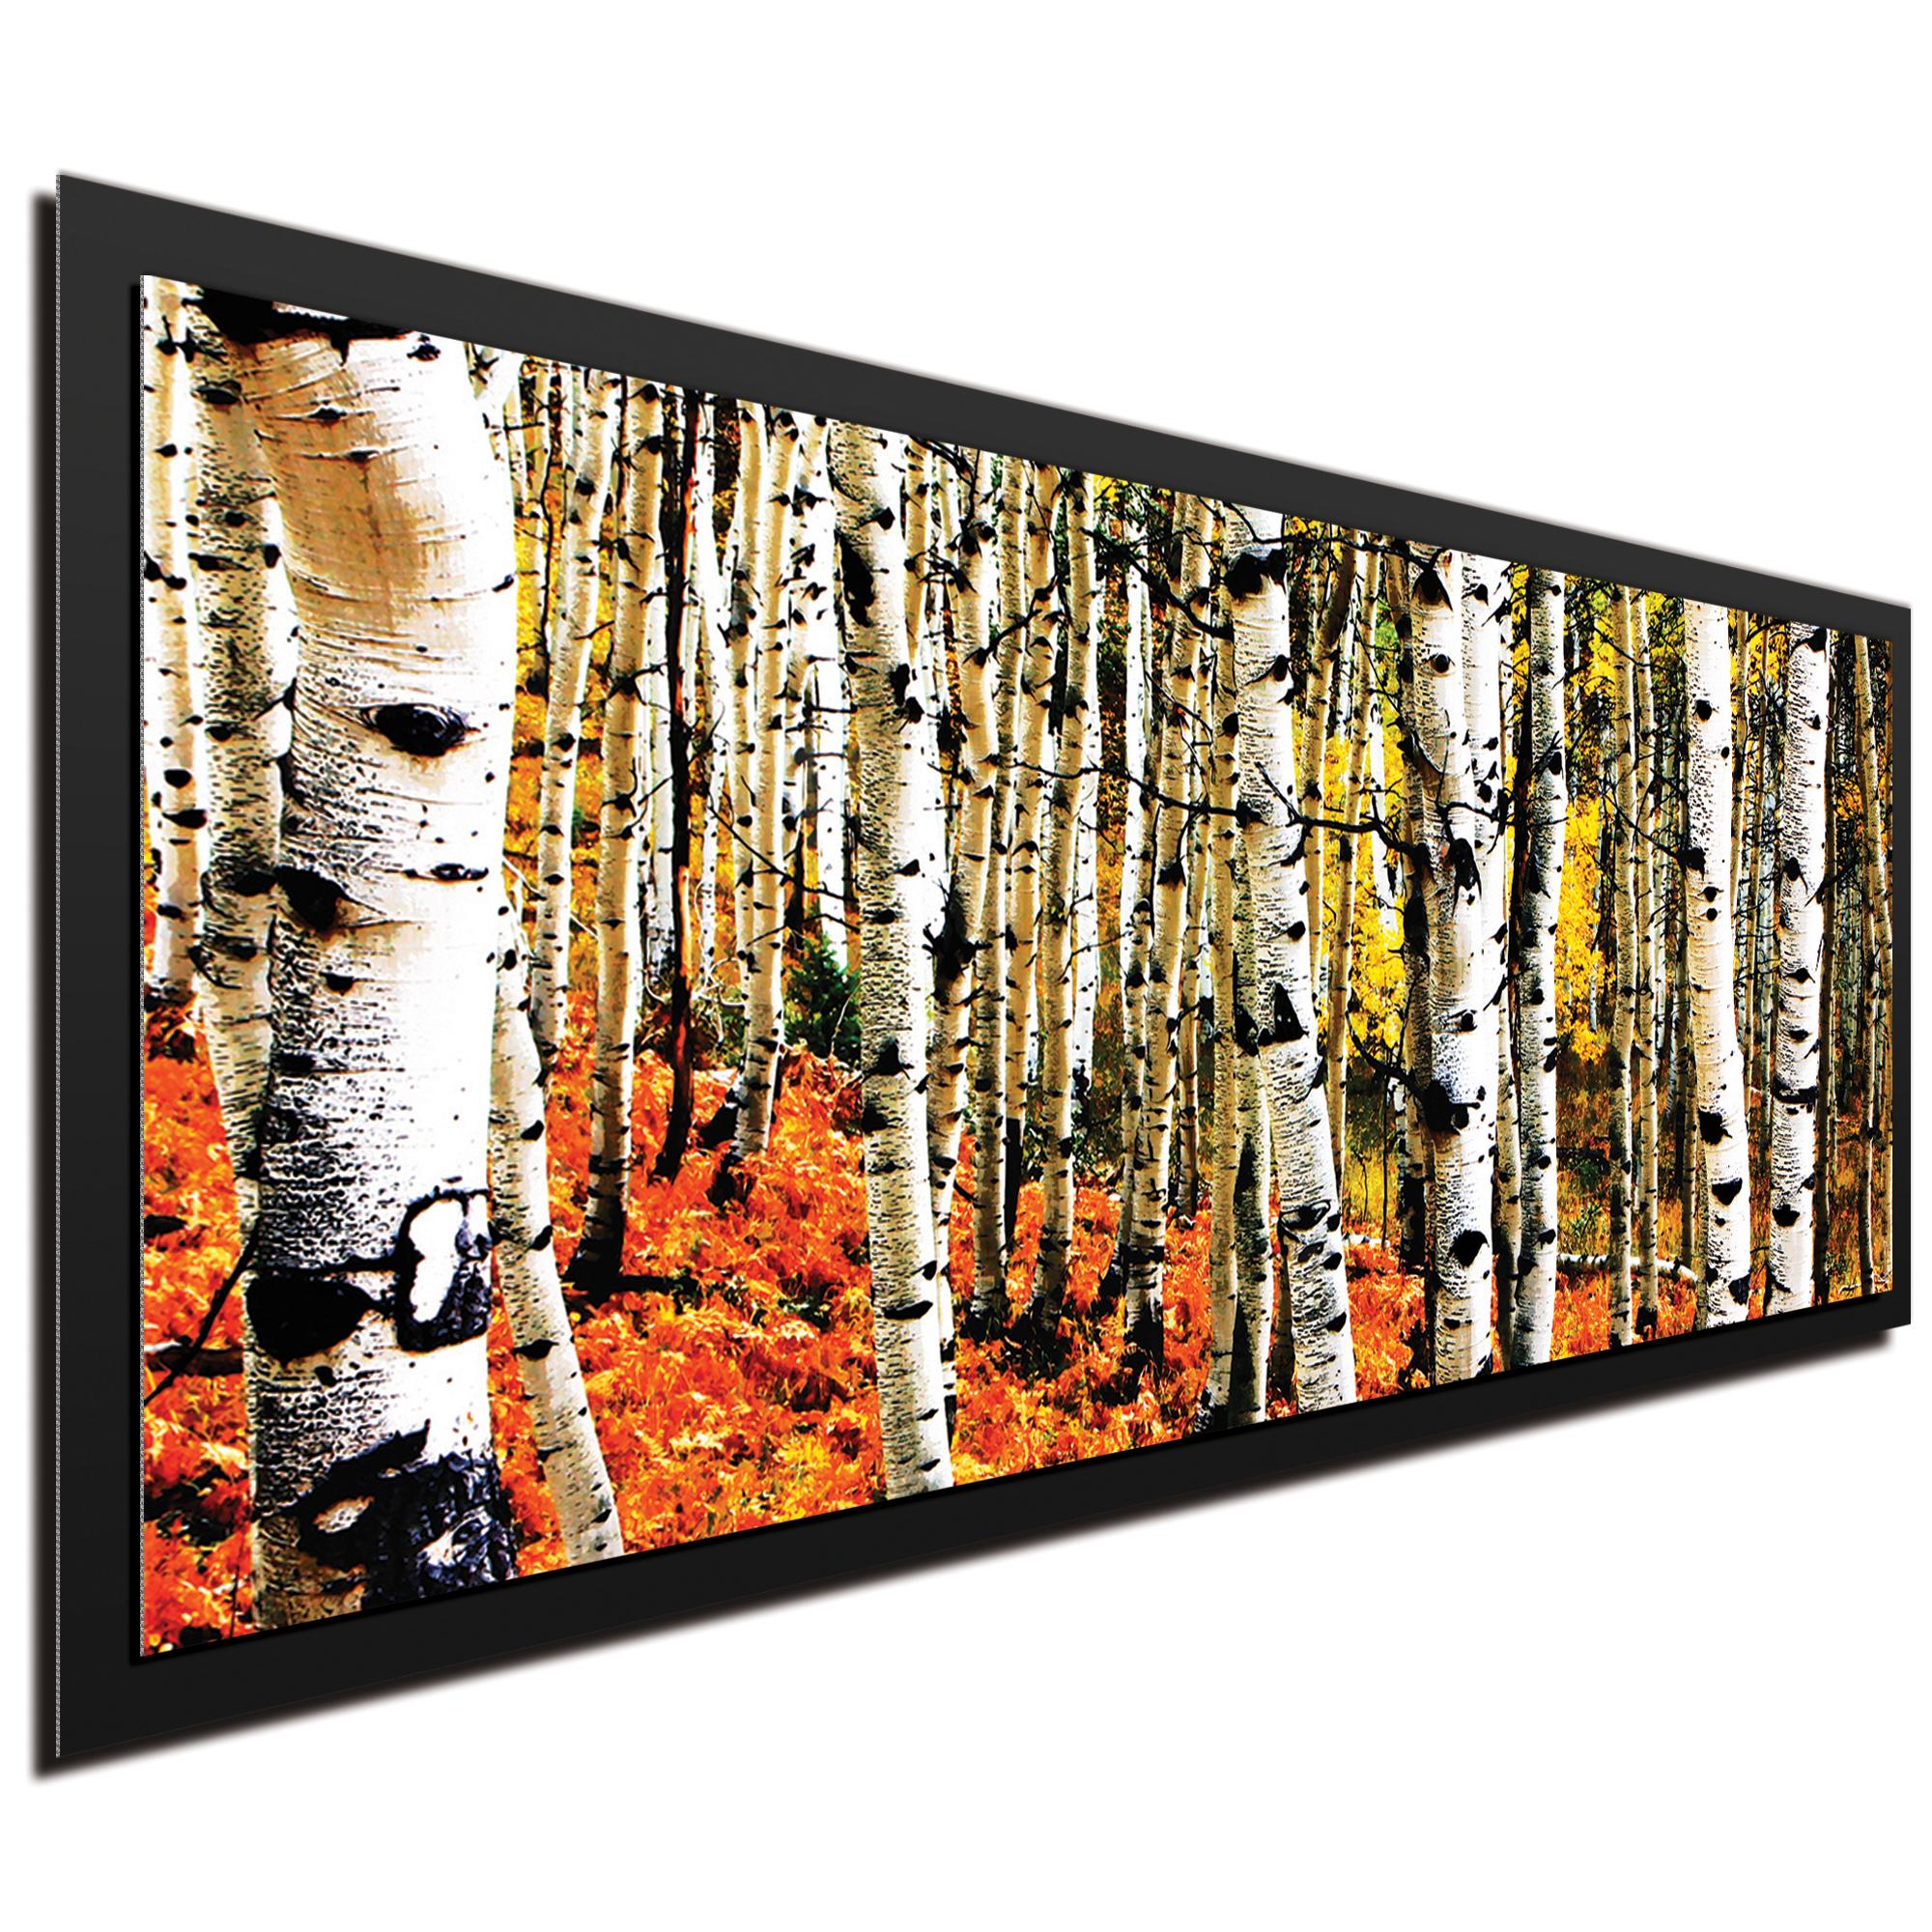 Aspen Grove Framed - Image 2